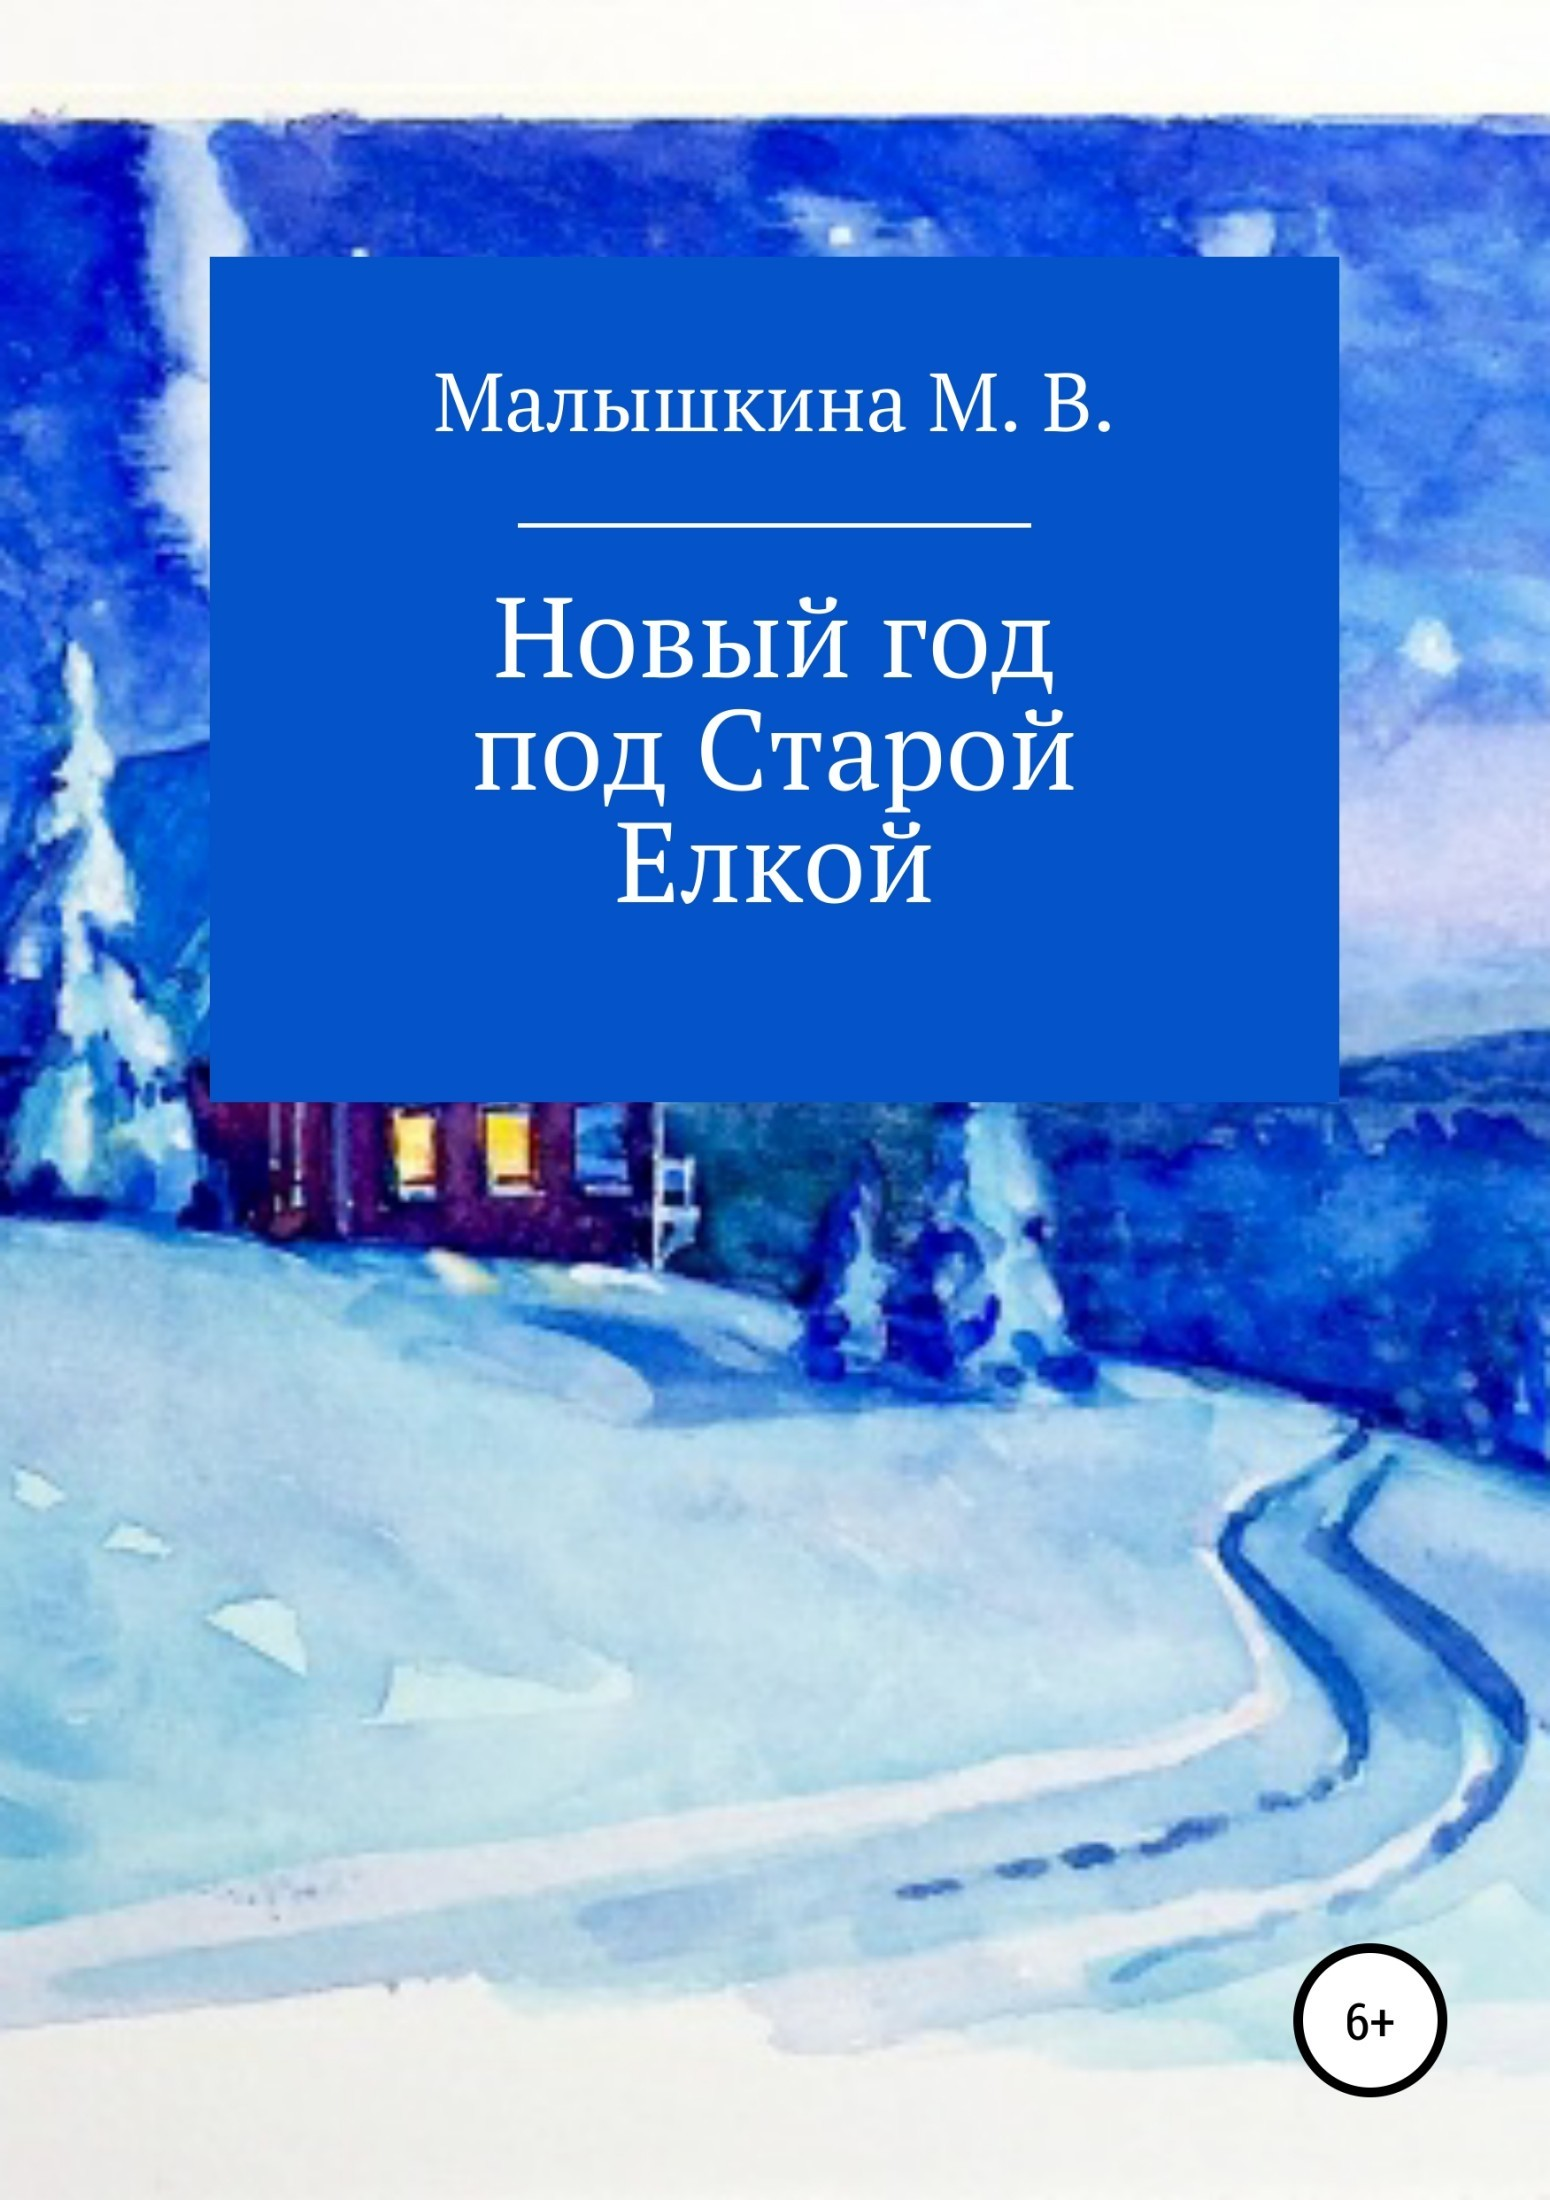 Мария Малышкина - Новый год под Старой Елкой